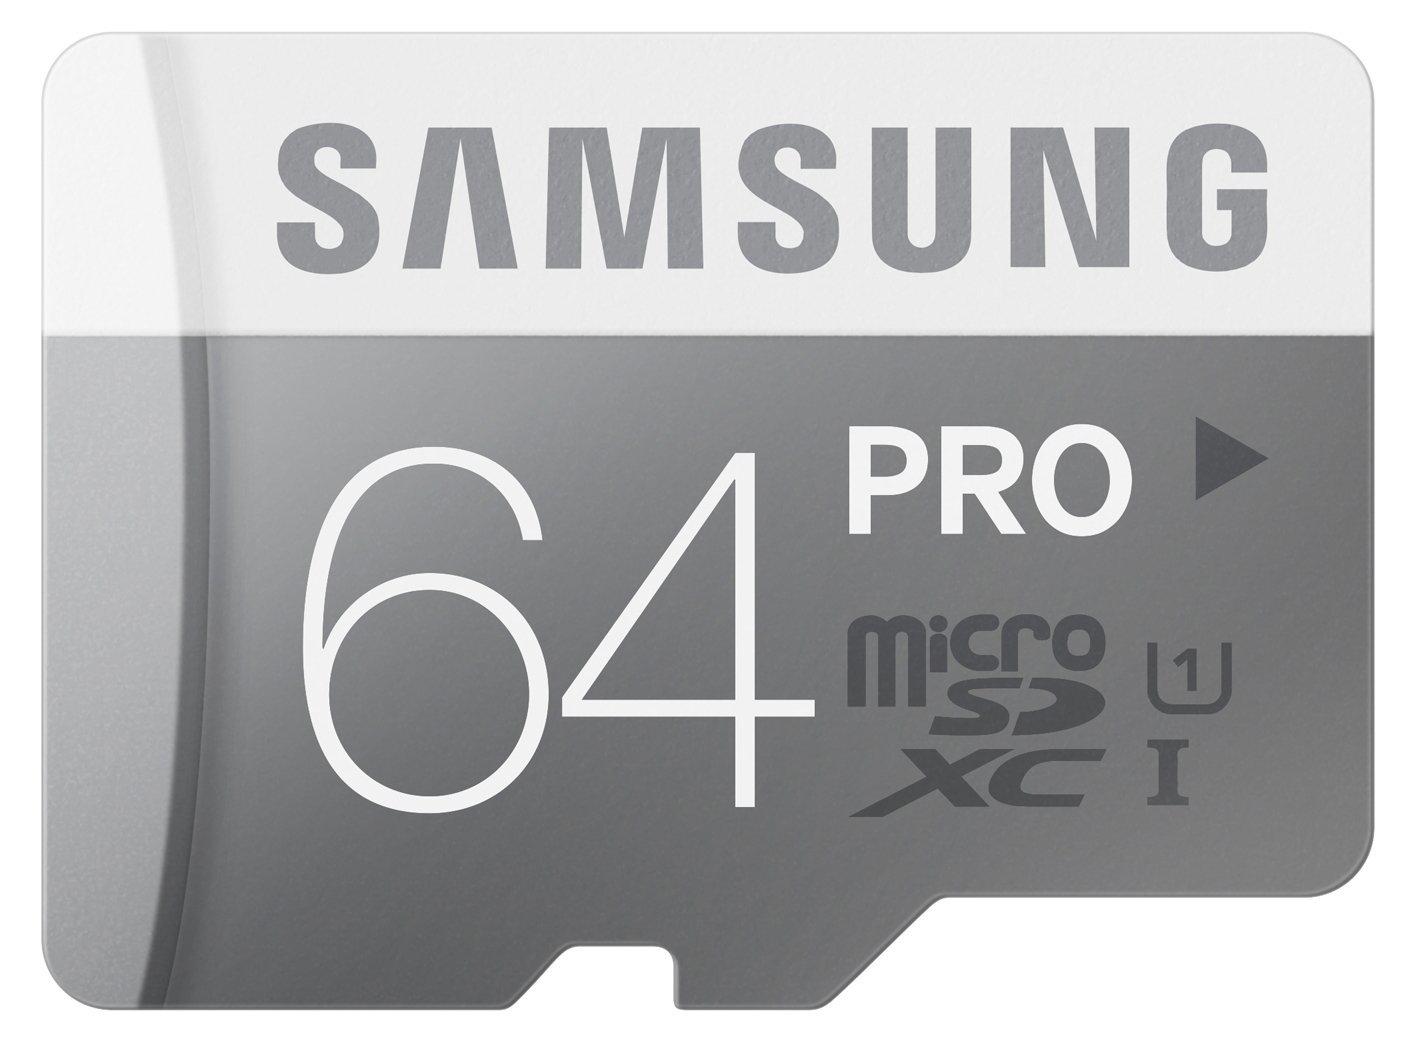 Carte MicroSDXC Samsung   UHS-I Grade 1 Classe 10 MB-MG64D/EU - 64 Go